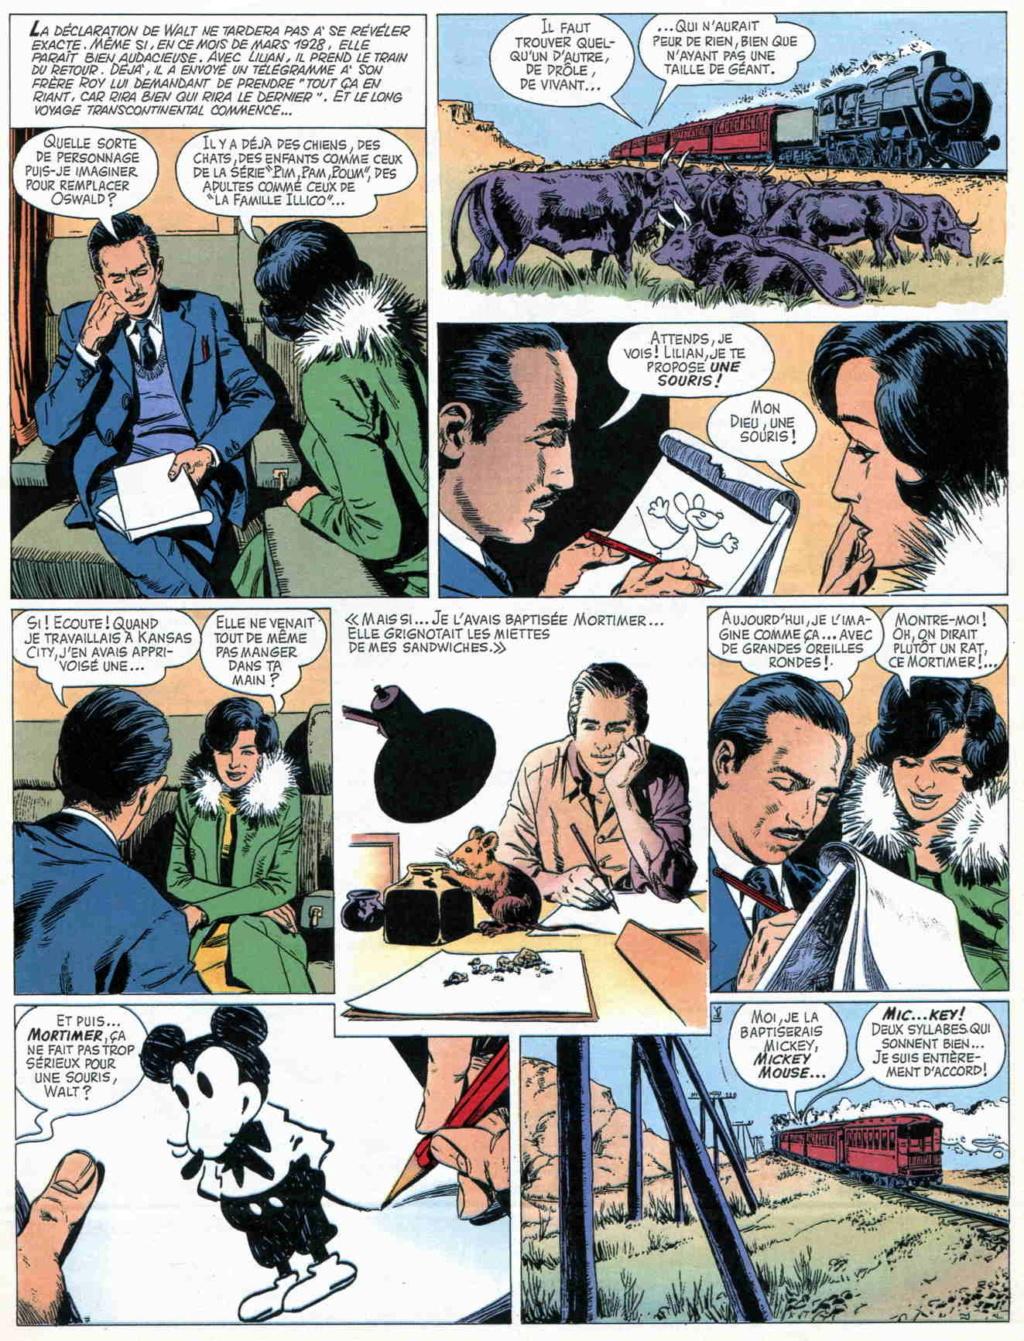 Mickey par Iwerks, Gottfredson et les autres - Page 10 Waltdi10